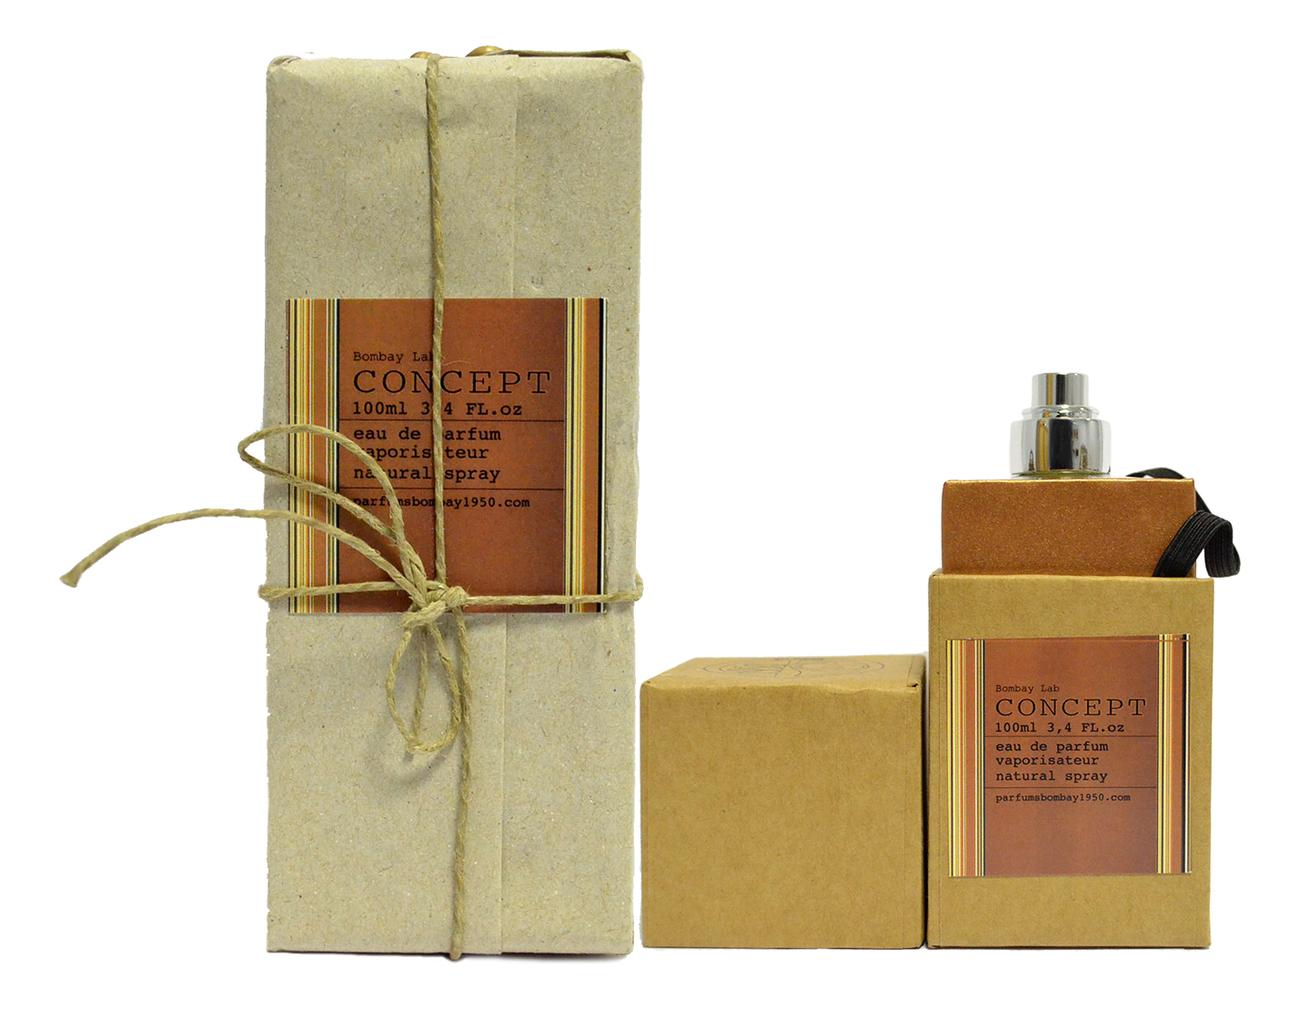 Купить Concept: парфюмерная вода 100мл, Parfums Bombay 1950